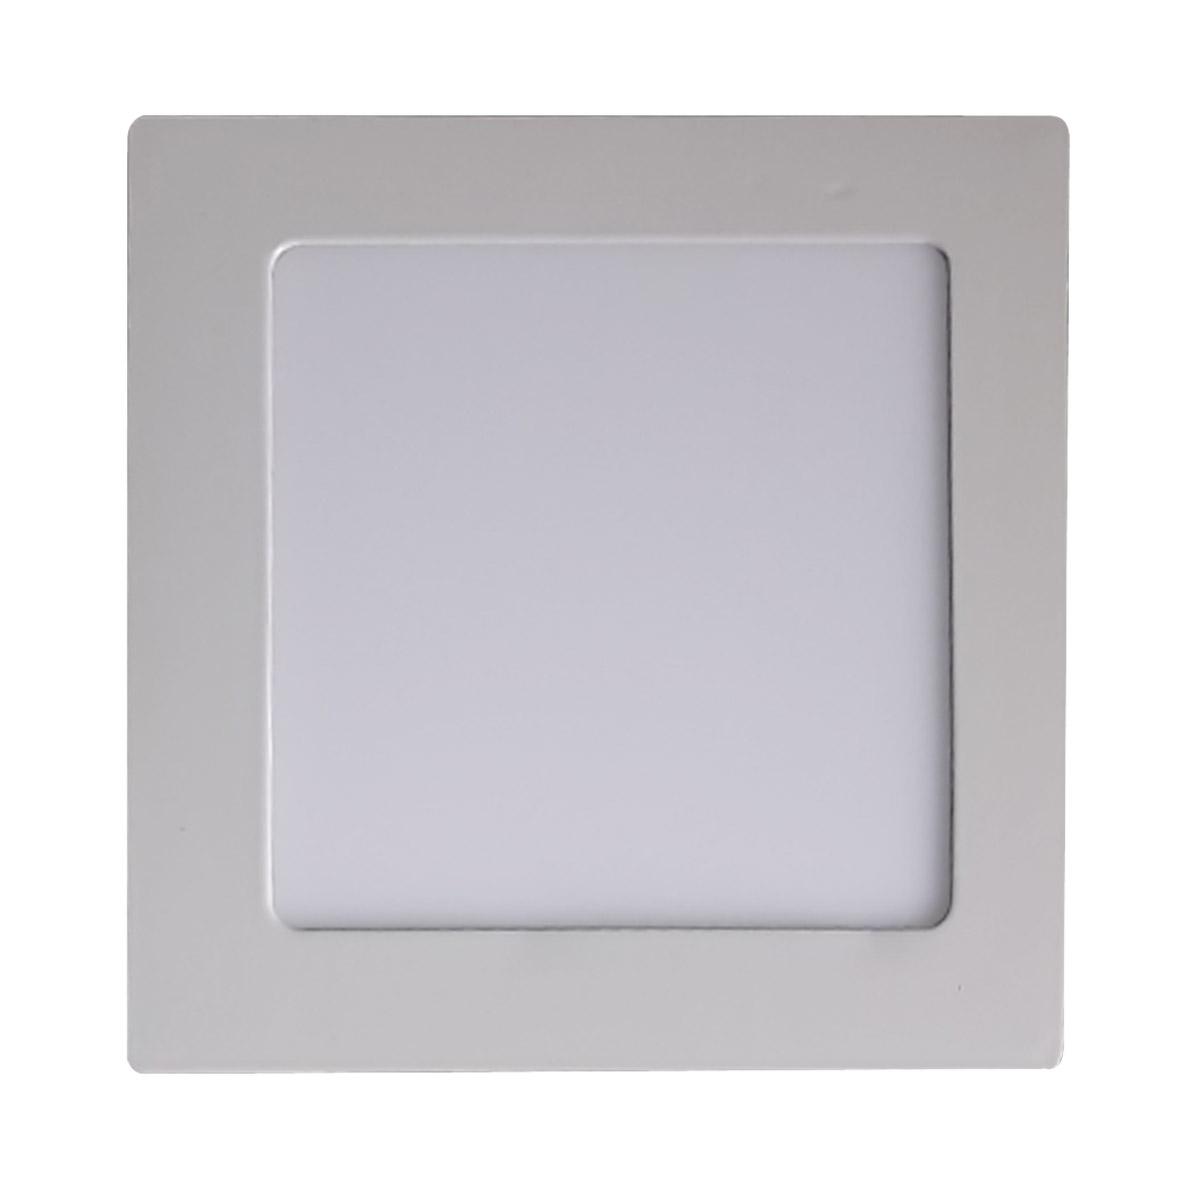 Lumin Ria Led Paflon Sobrepor Luz Branca Quente 12w Quadrado Blps